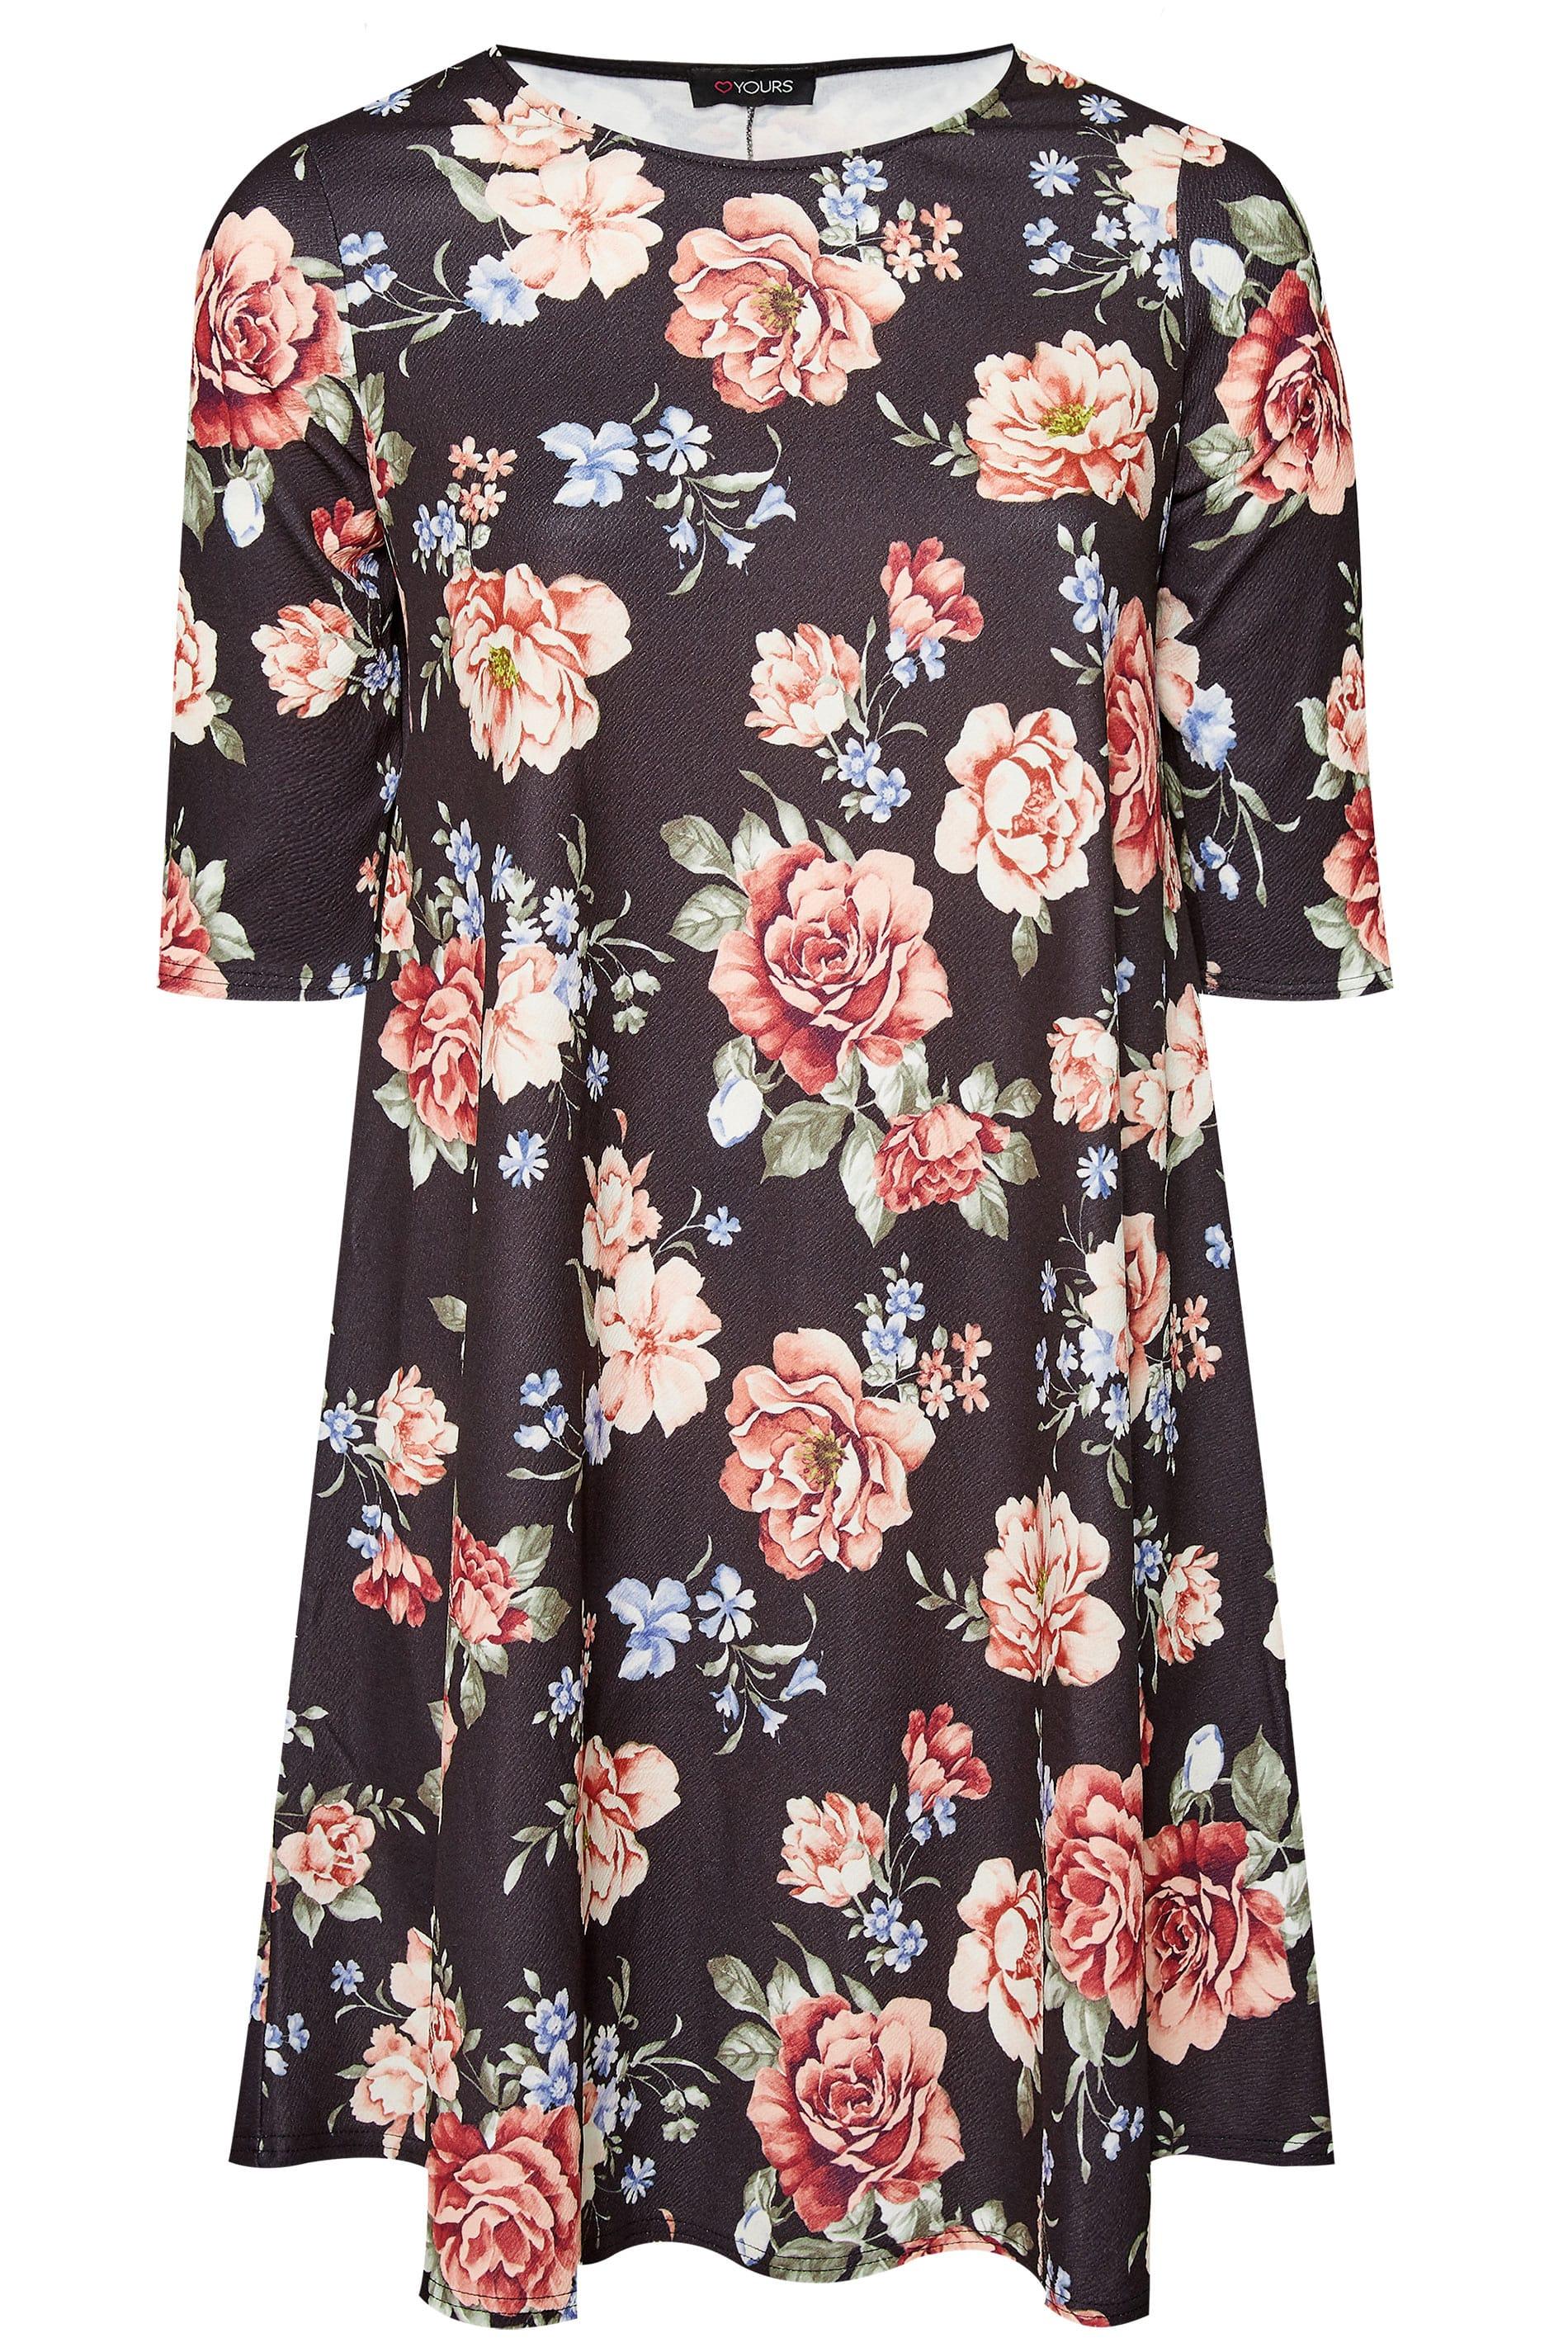 Jersey-Kleid mit Blumen-Muster - Schwarz, große Größen 44 ...